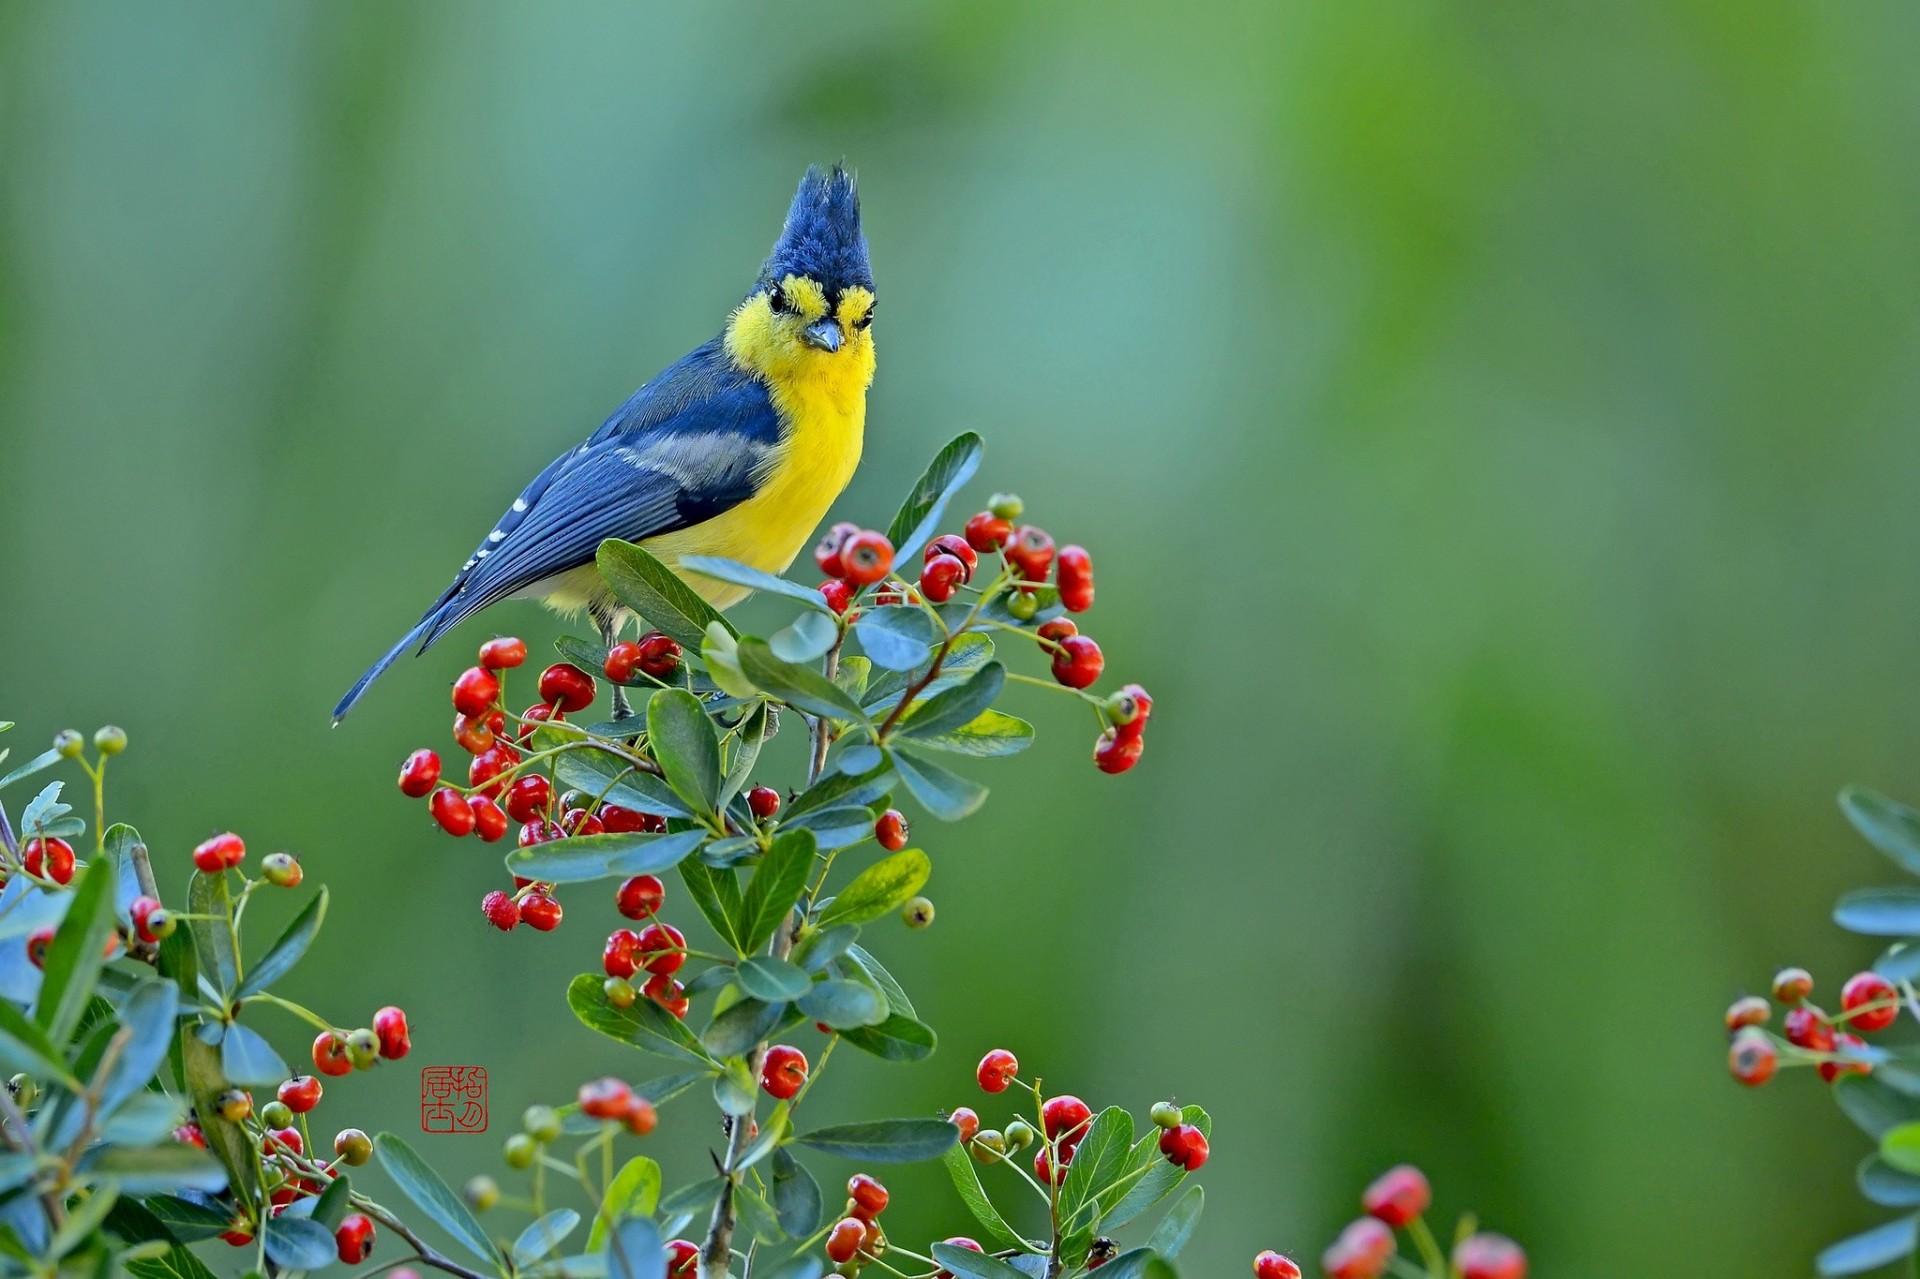 виниловые птицы на природе красивые благодарят